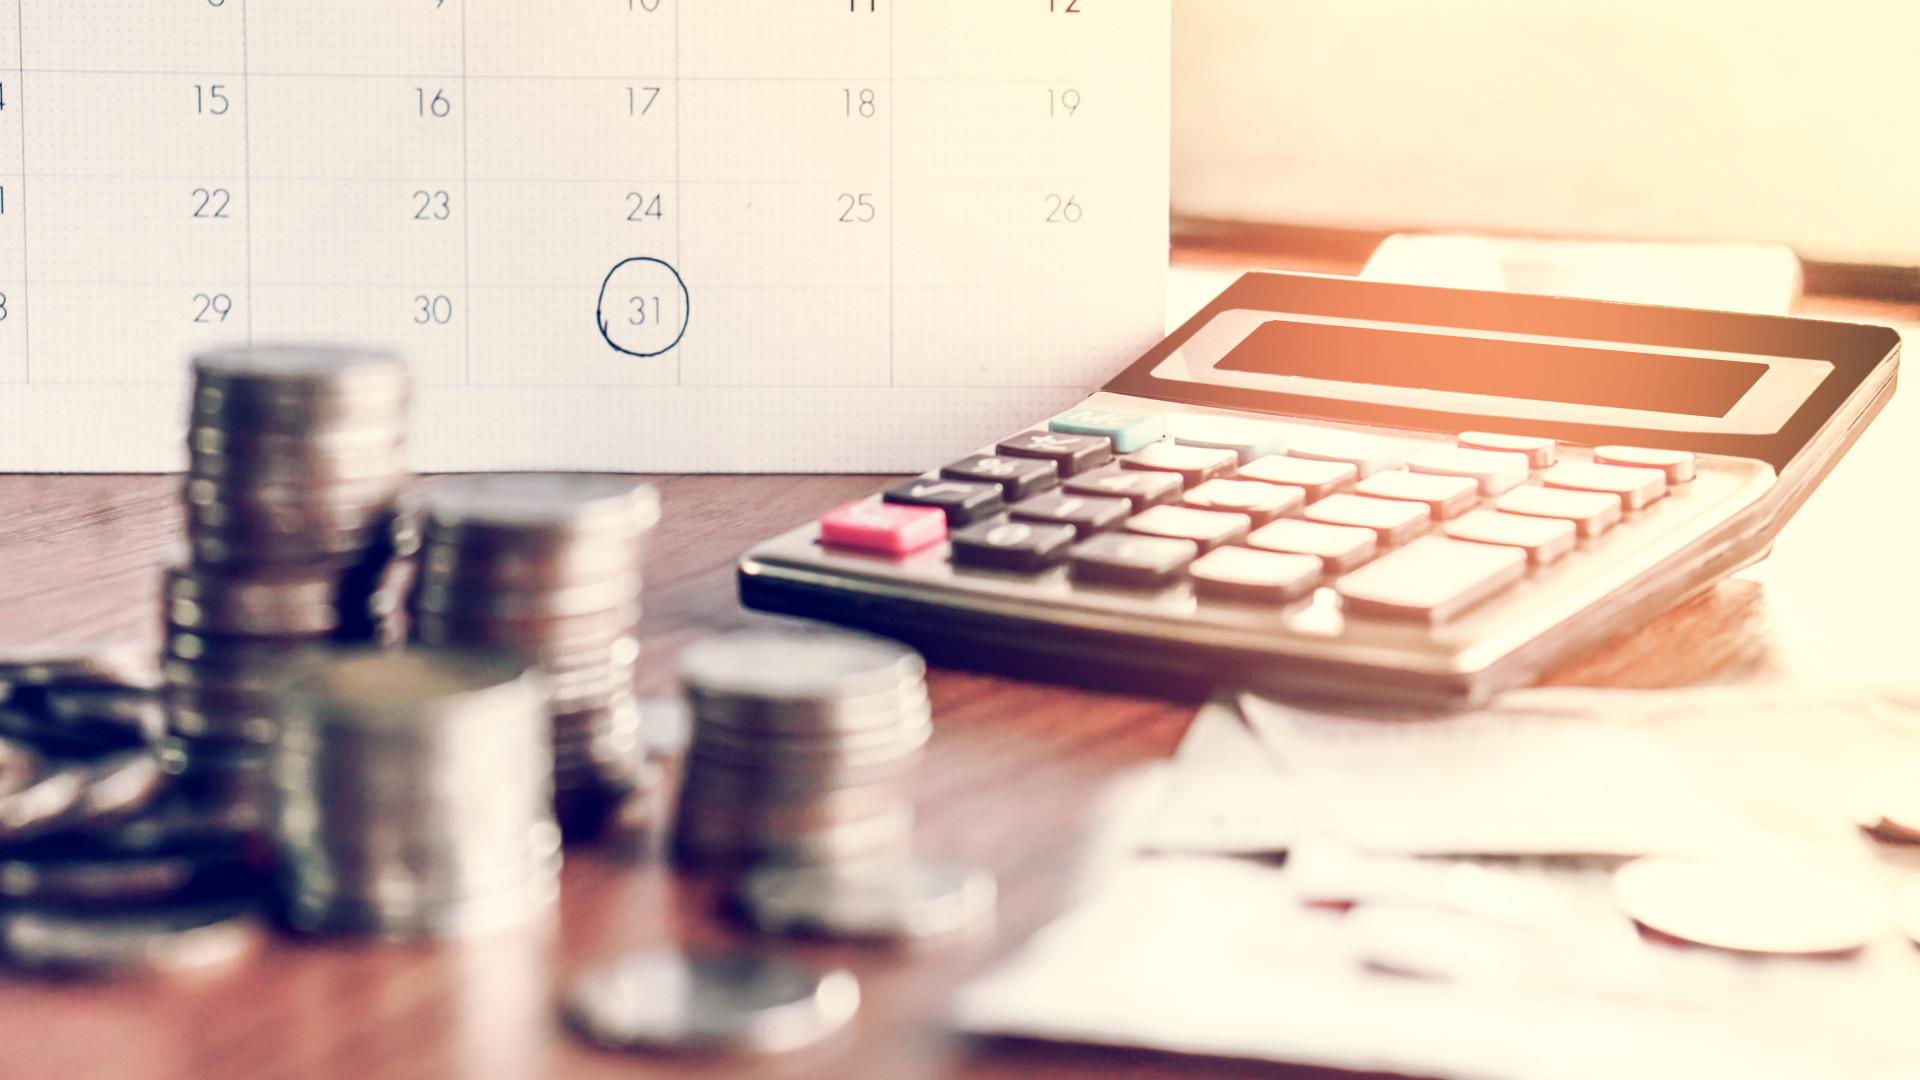 Fisco já processou 2,5 mil milhões em reembolsos do IRS